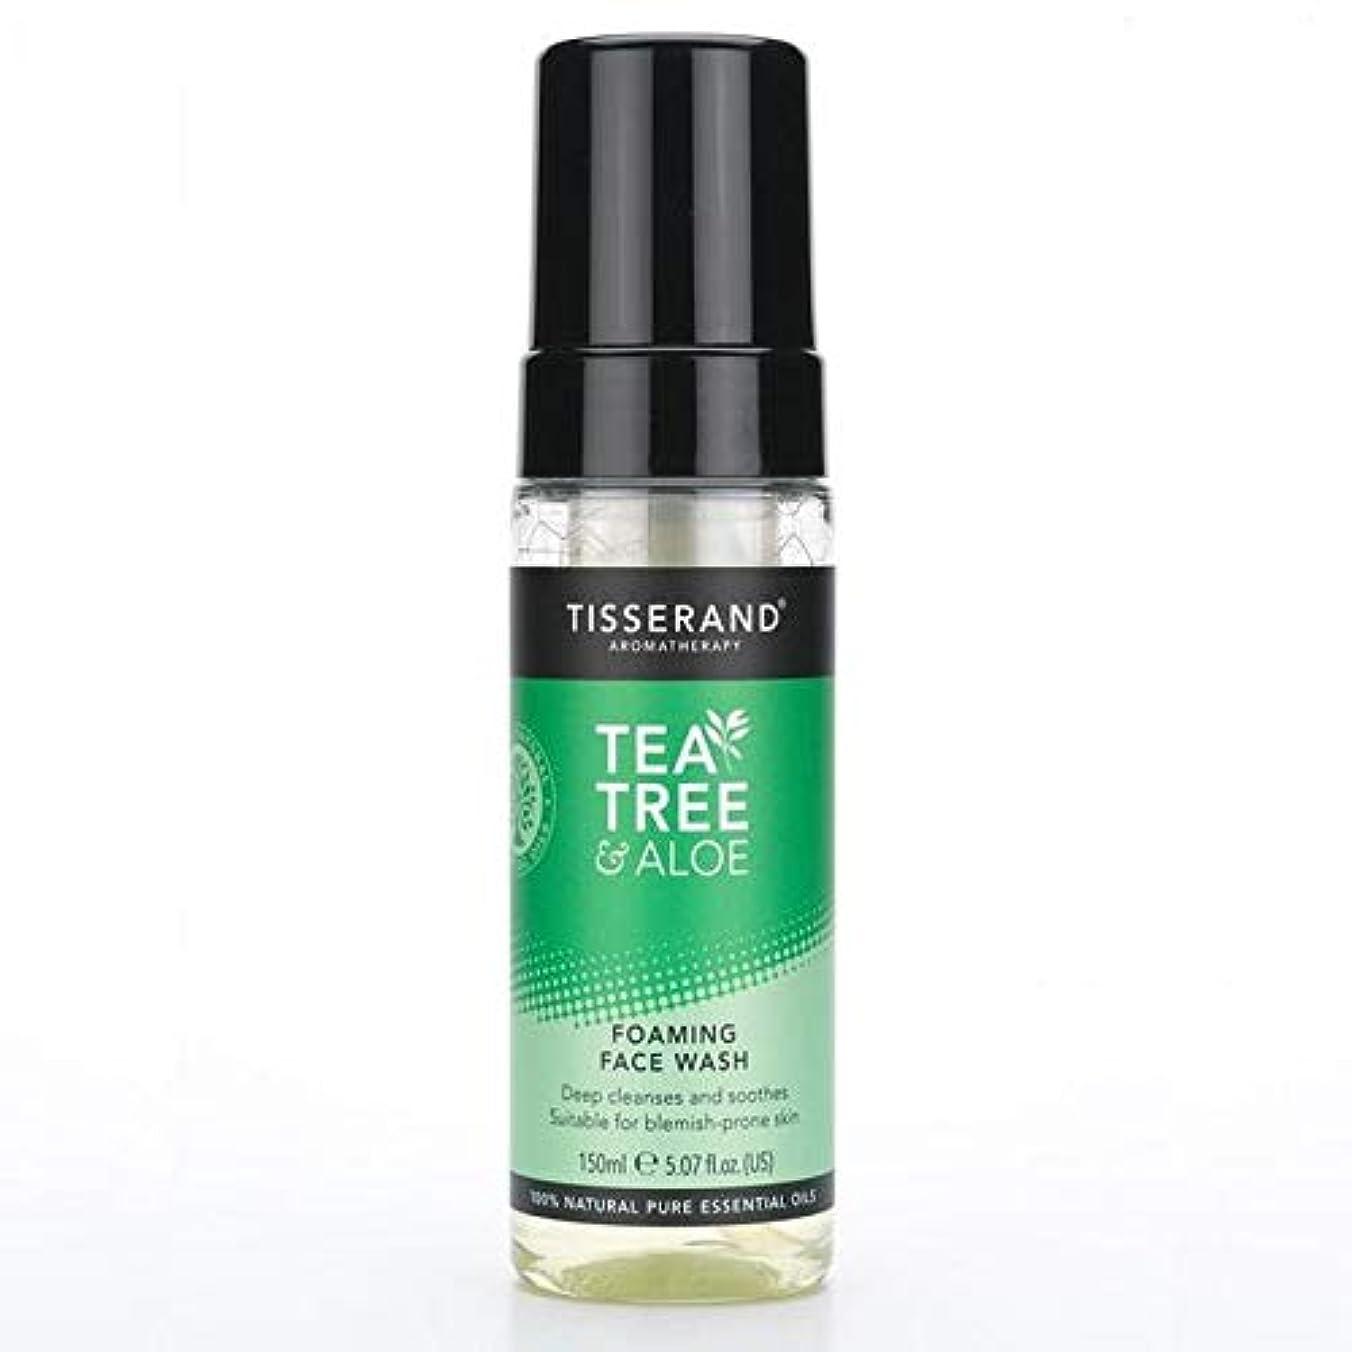 製造分離測定[Tisserand] 洗顔料の150ミリリットルを発泡ティスランドティーツリー&アロエ - Tisserand Tea Tree & Aloe Foaming Face Wash 150ml [並行輸入品]